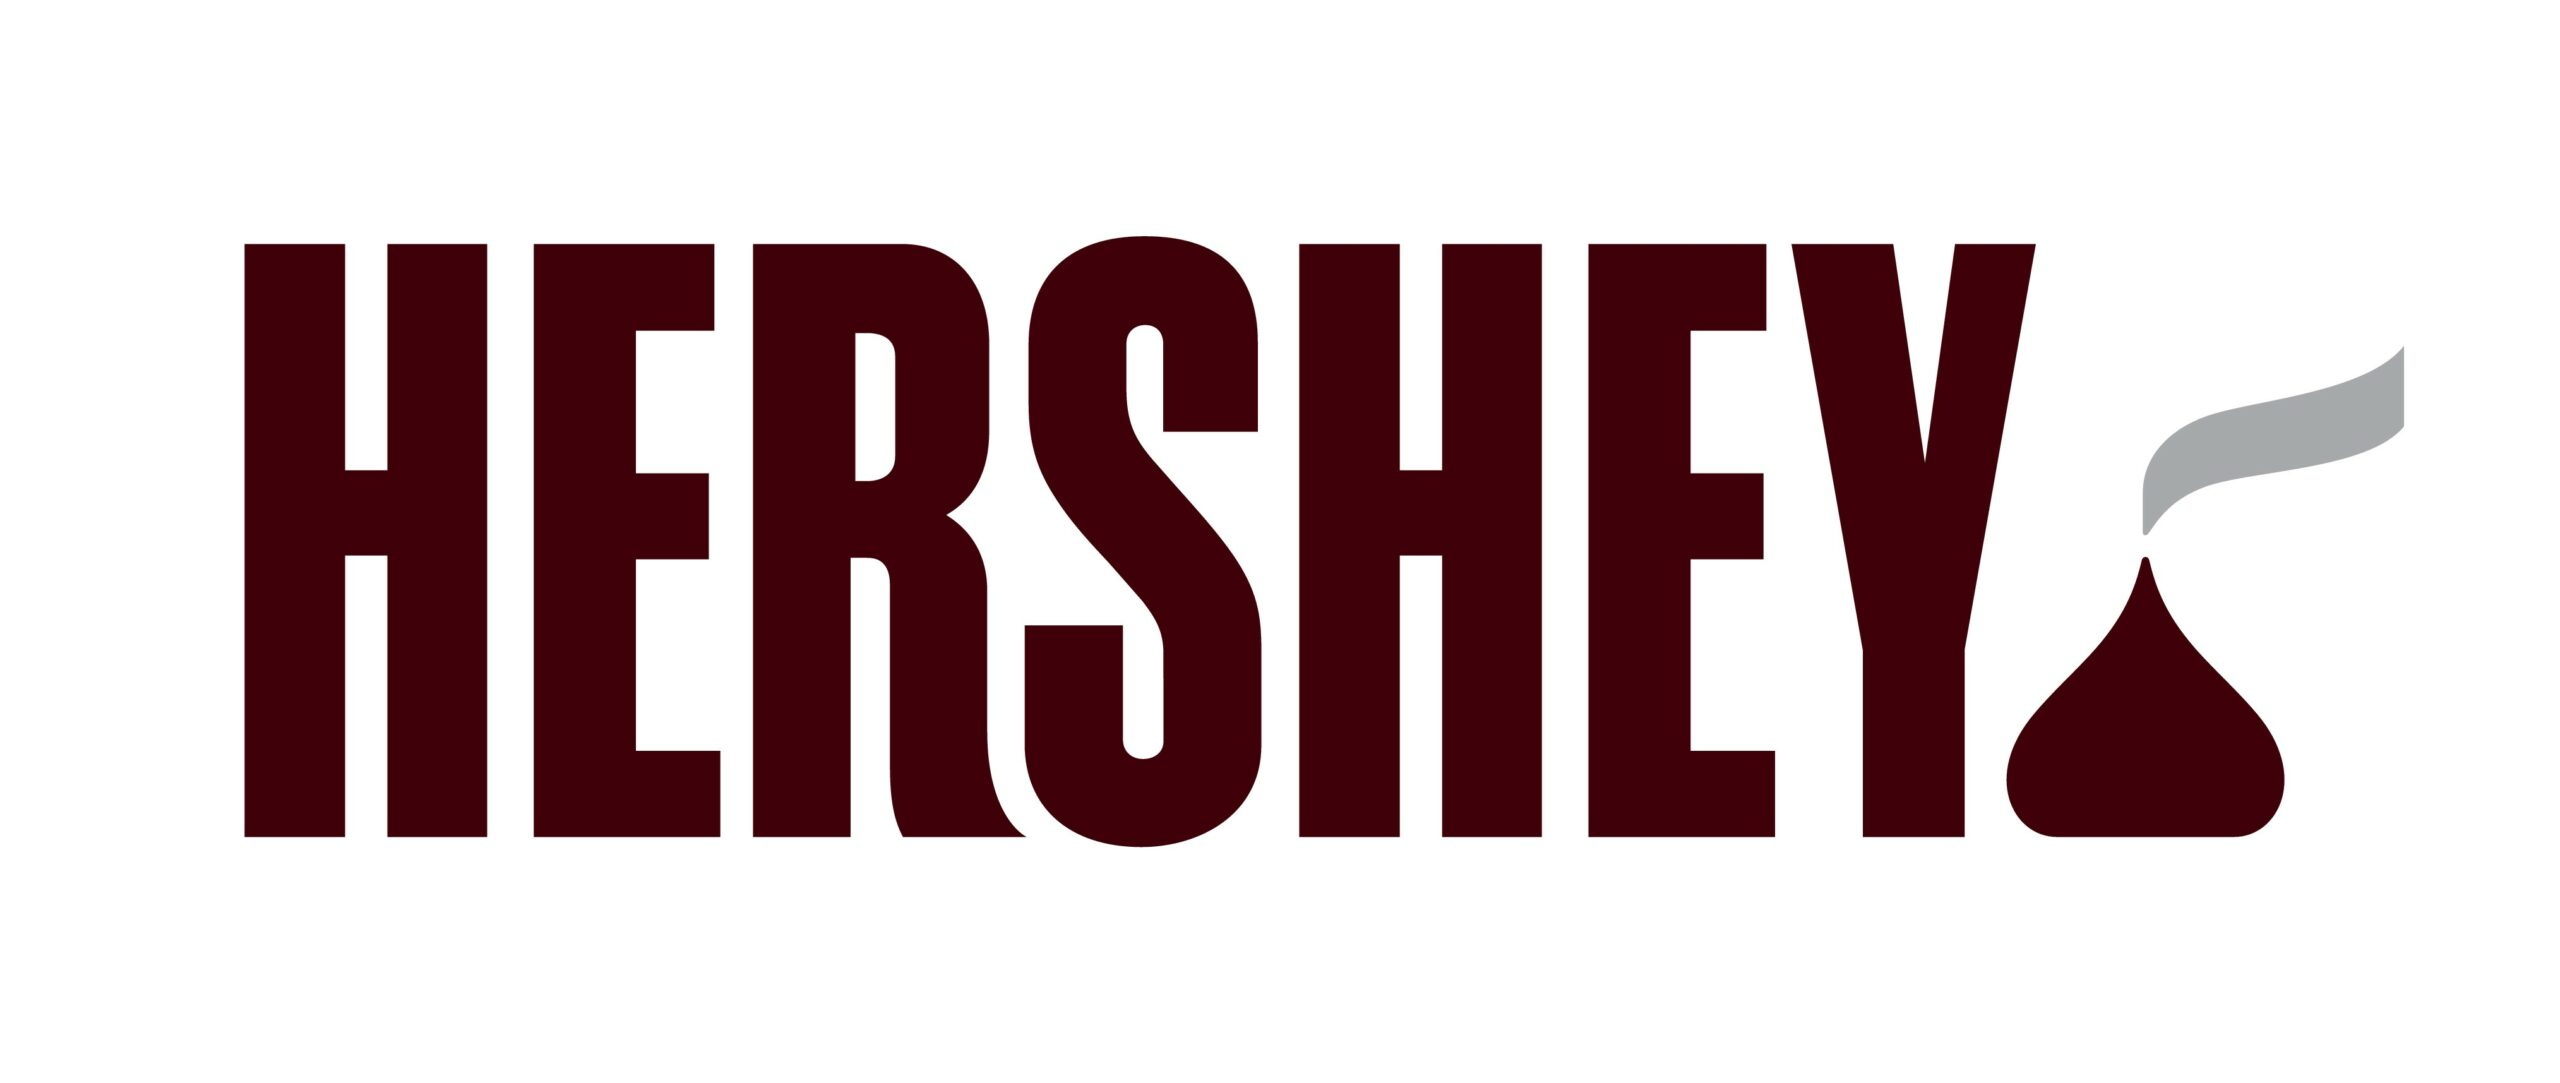 Hershey Hi Res